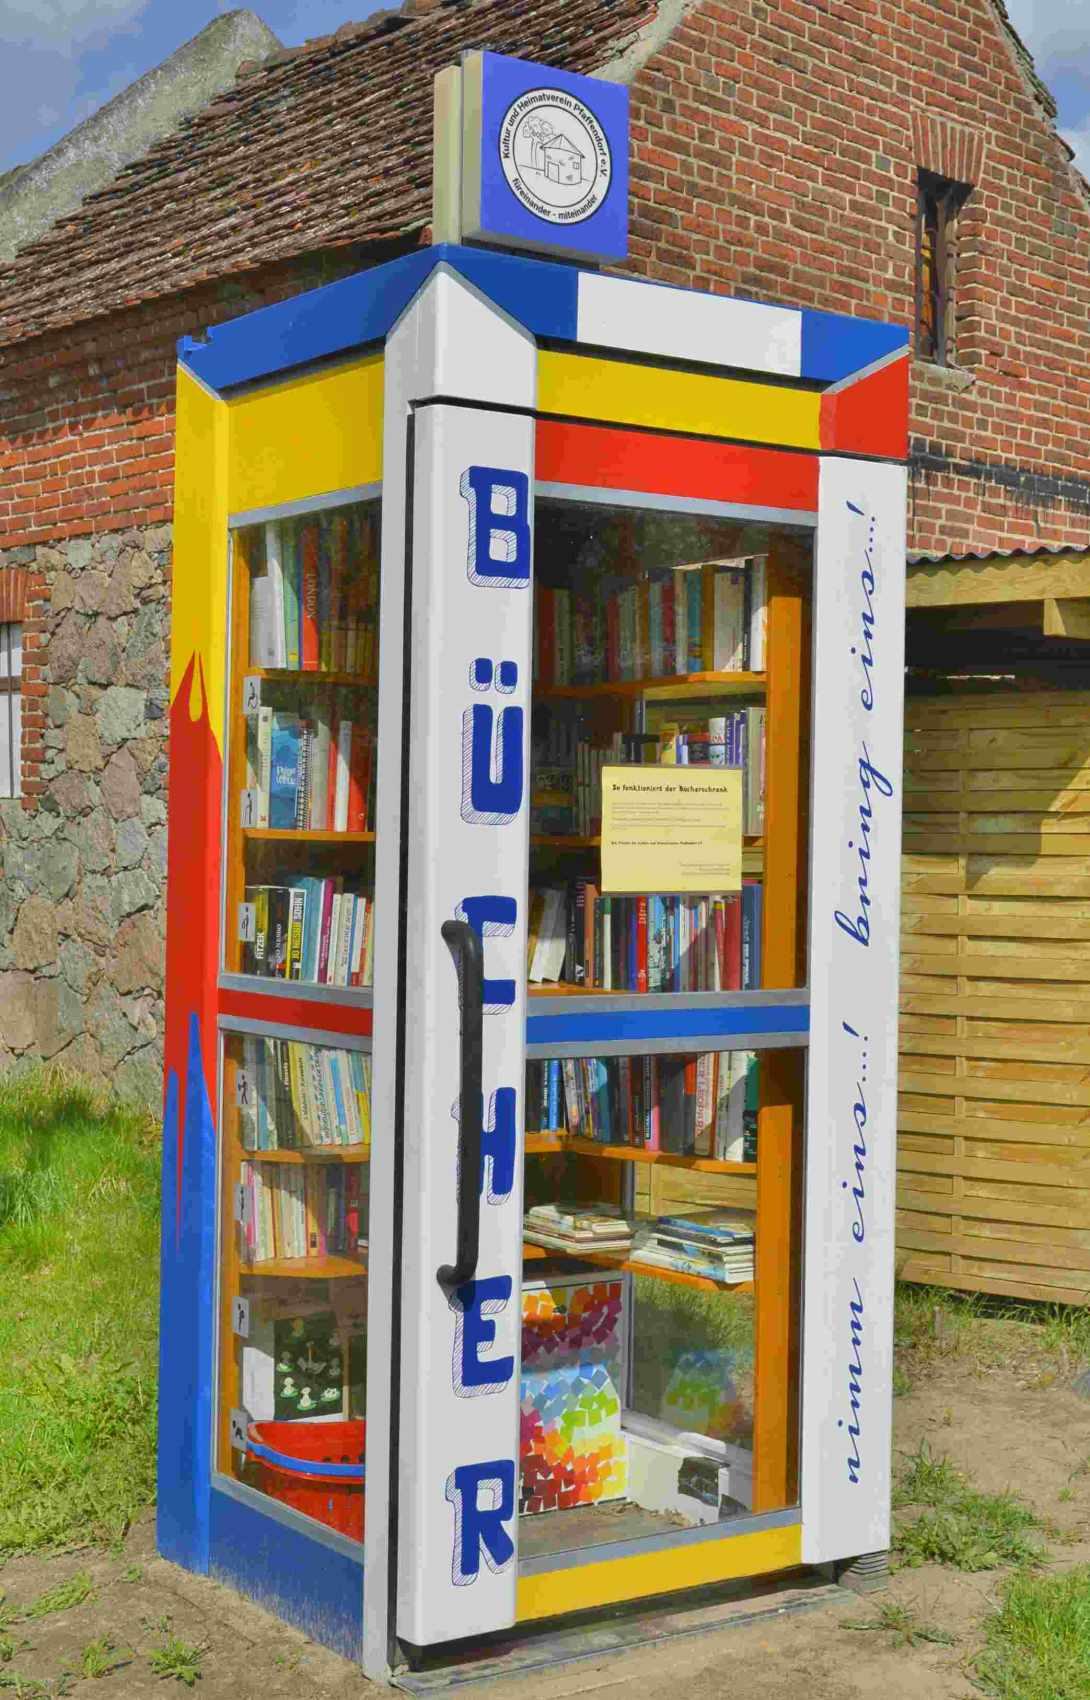 Bücherbox auf dem Land book swap #community #bekitschig blog berlin